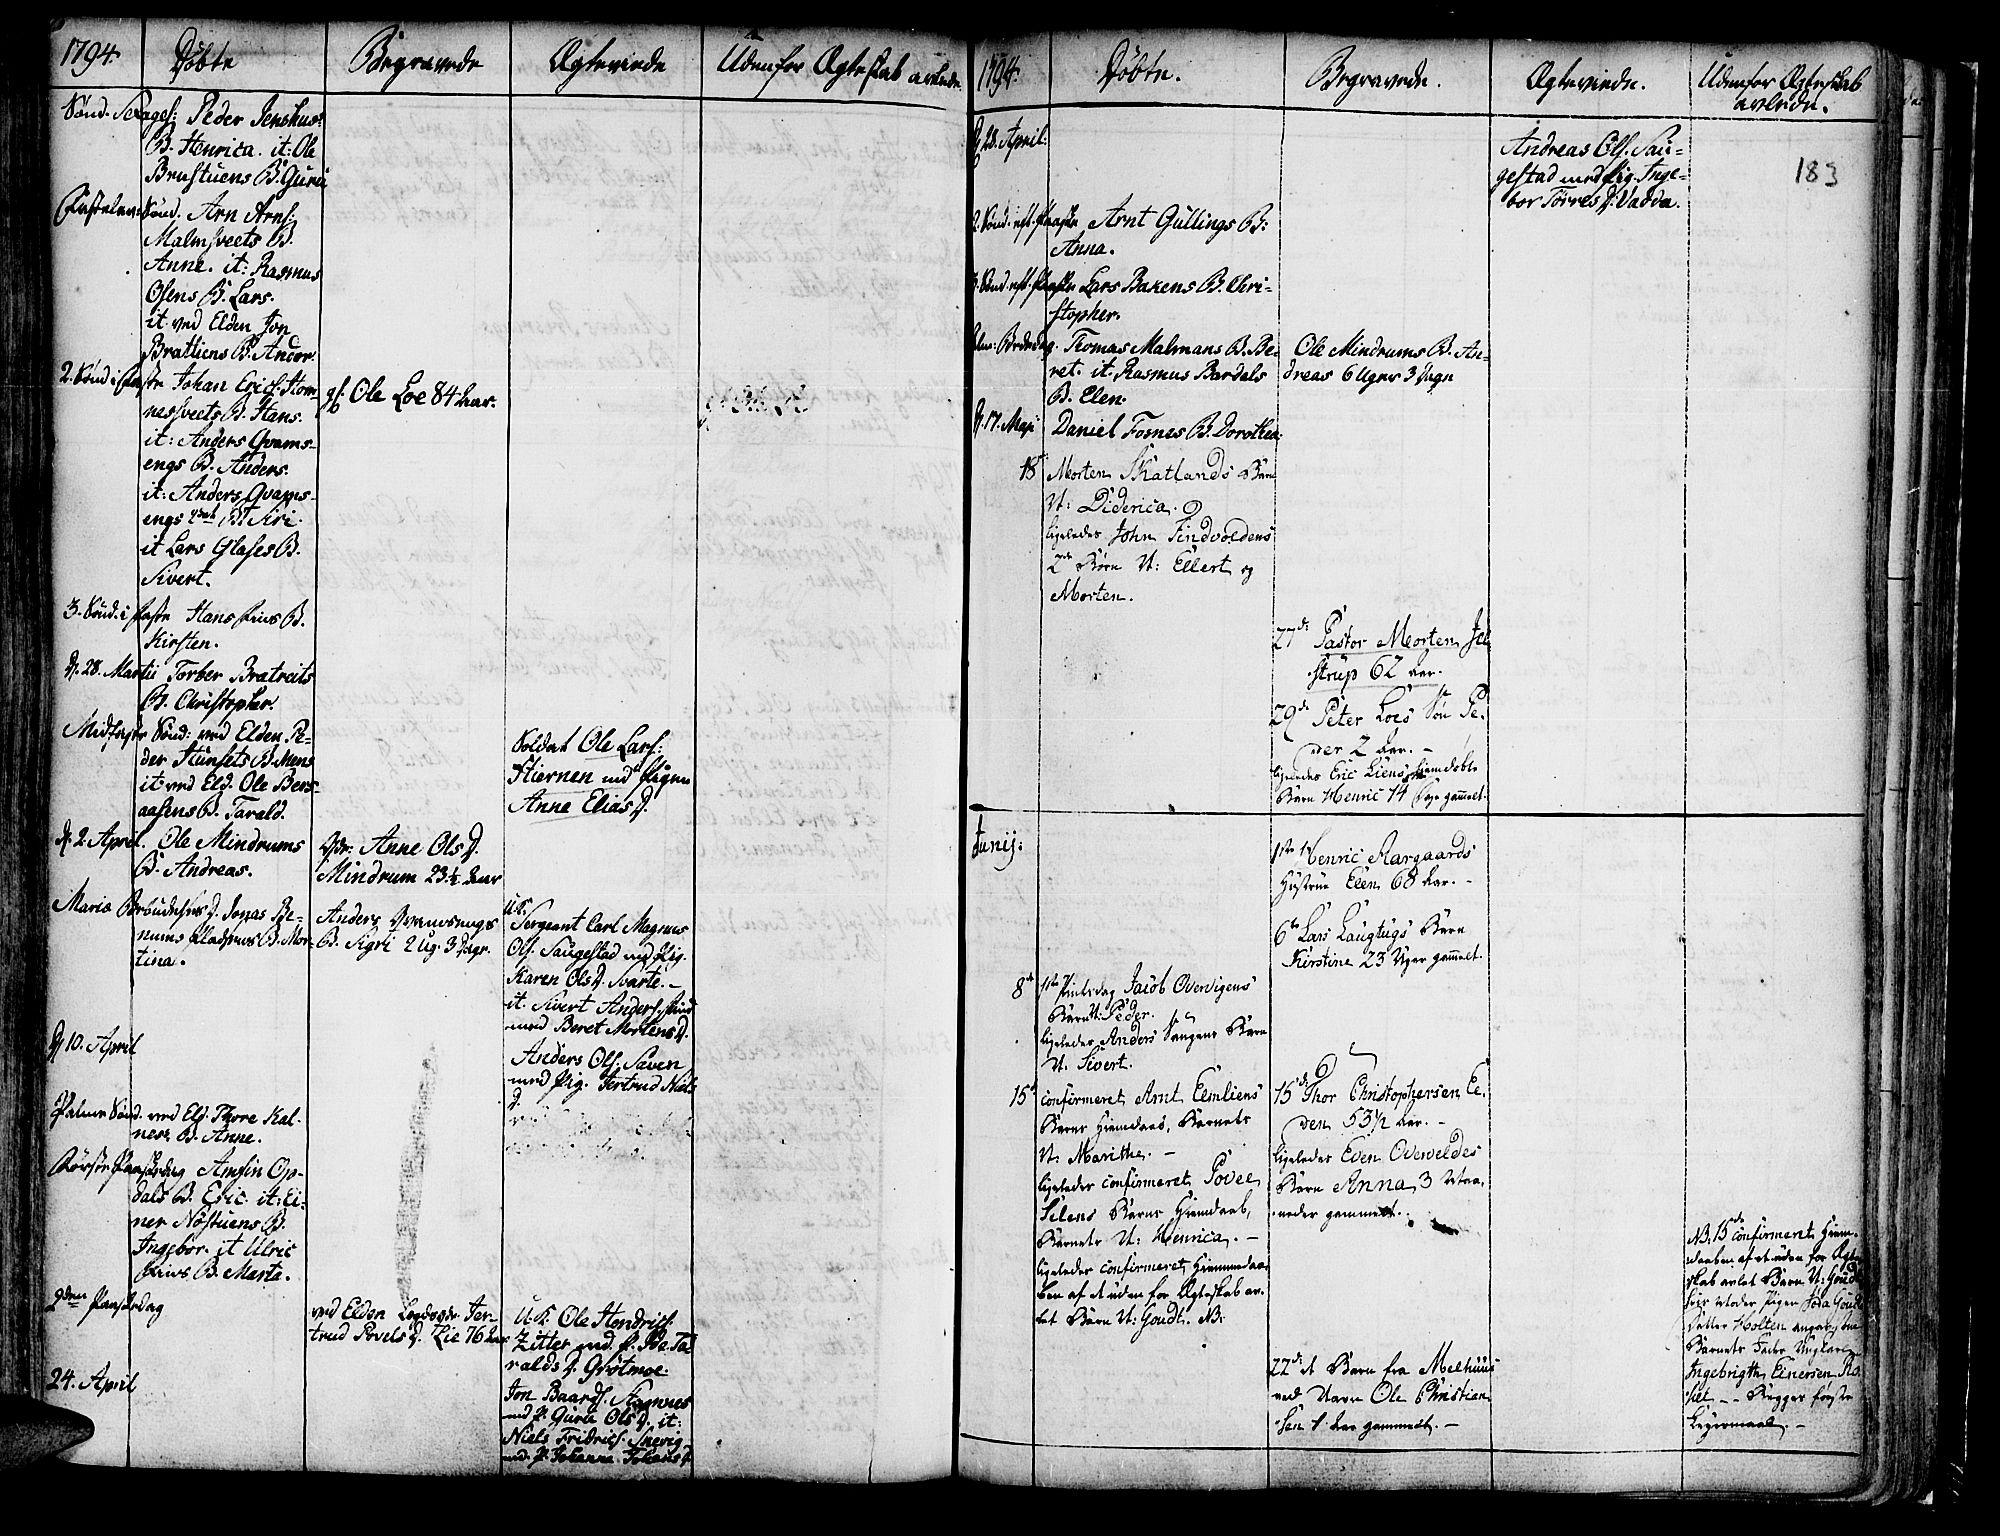 SAT, Ministerialprotokoller, klokkerbøker og fødselsregistre - Nord-Trøndelag, 741/L0385: Ministerialbok nr. 741A01, 1722-1815, s. 183